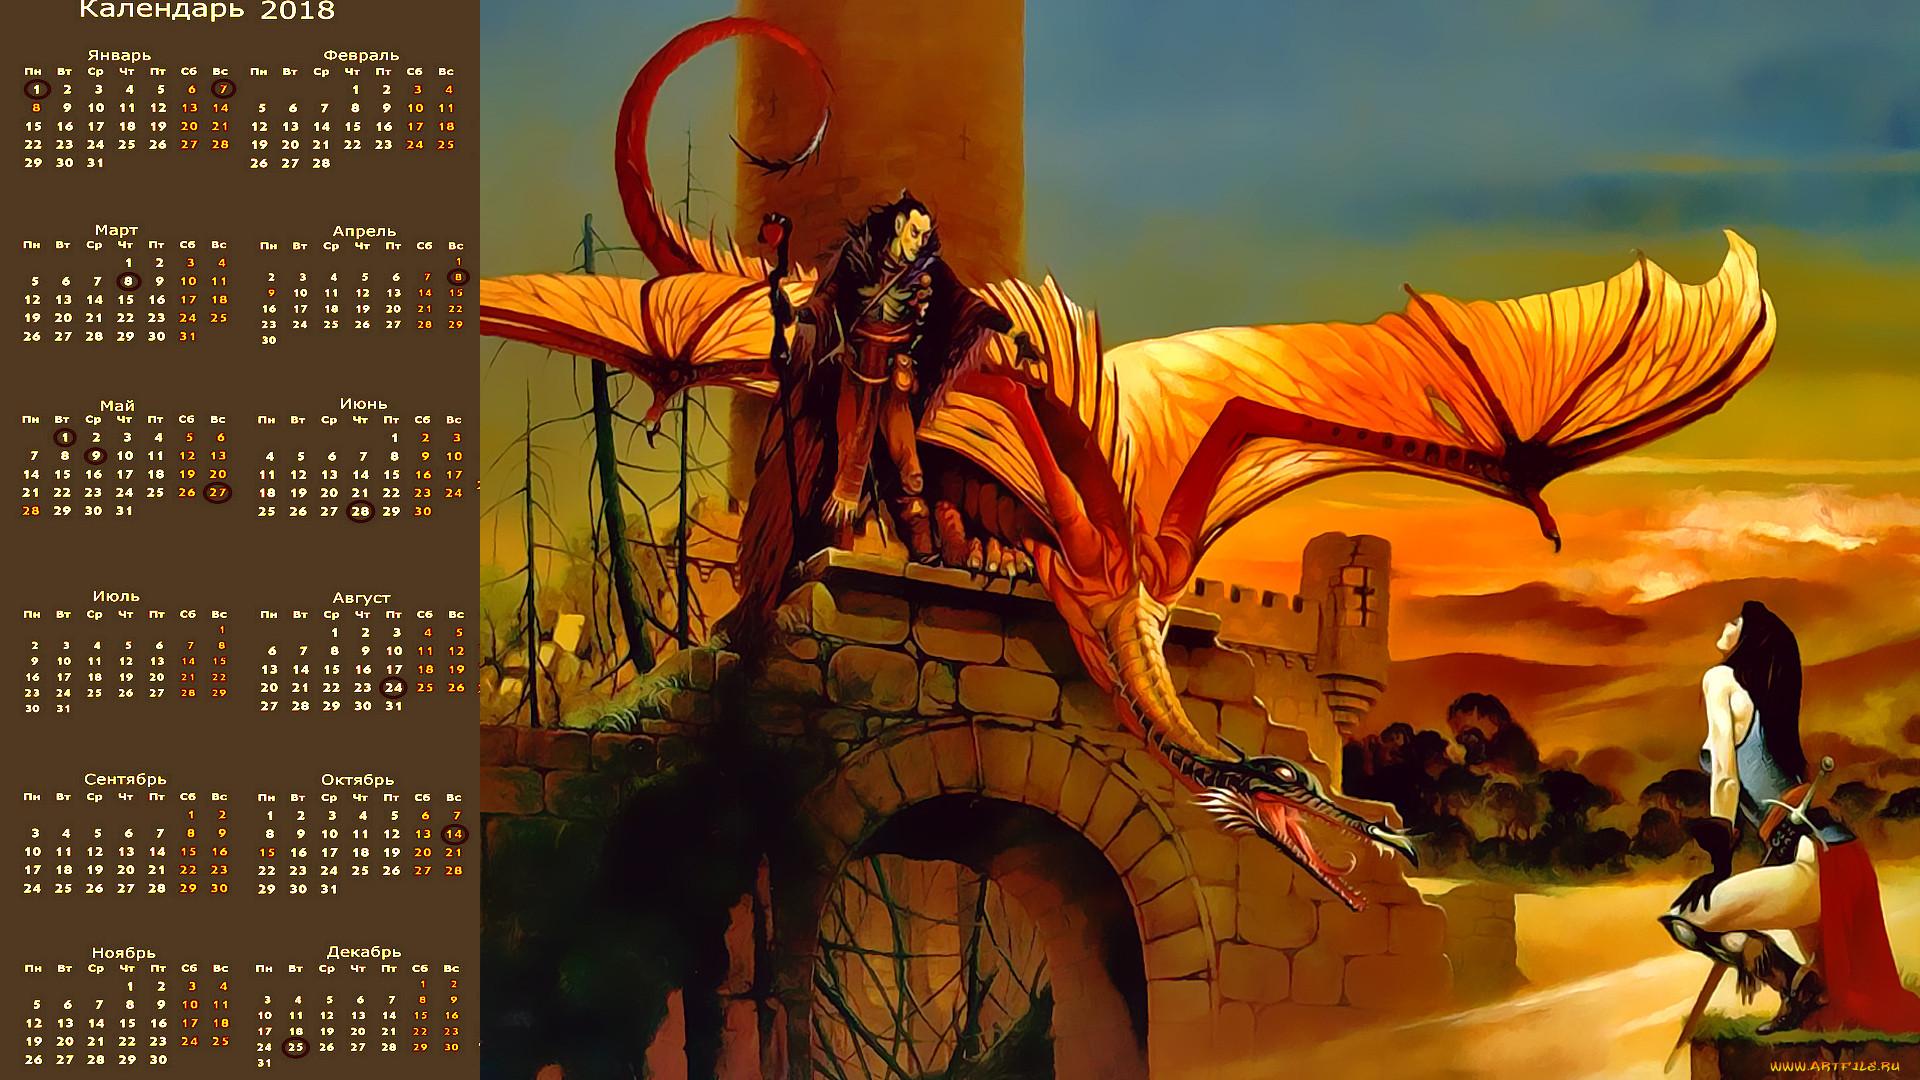 картинки для календаря дракон использовании черно-белого дизайна